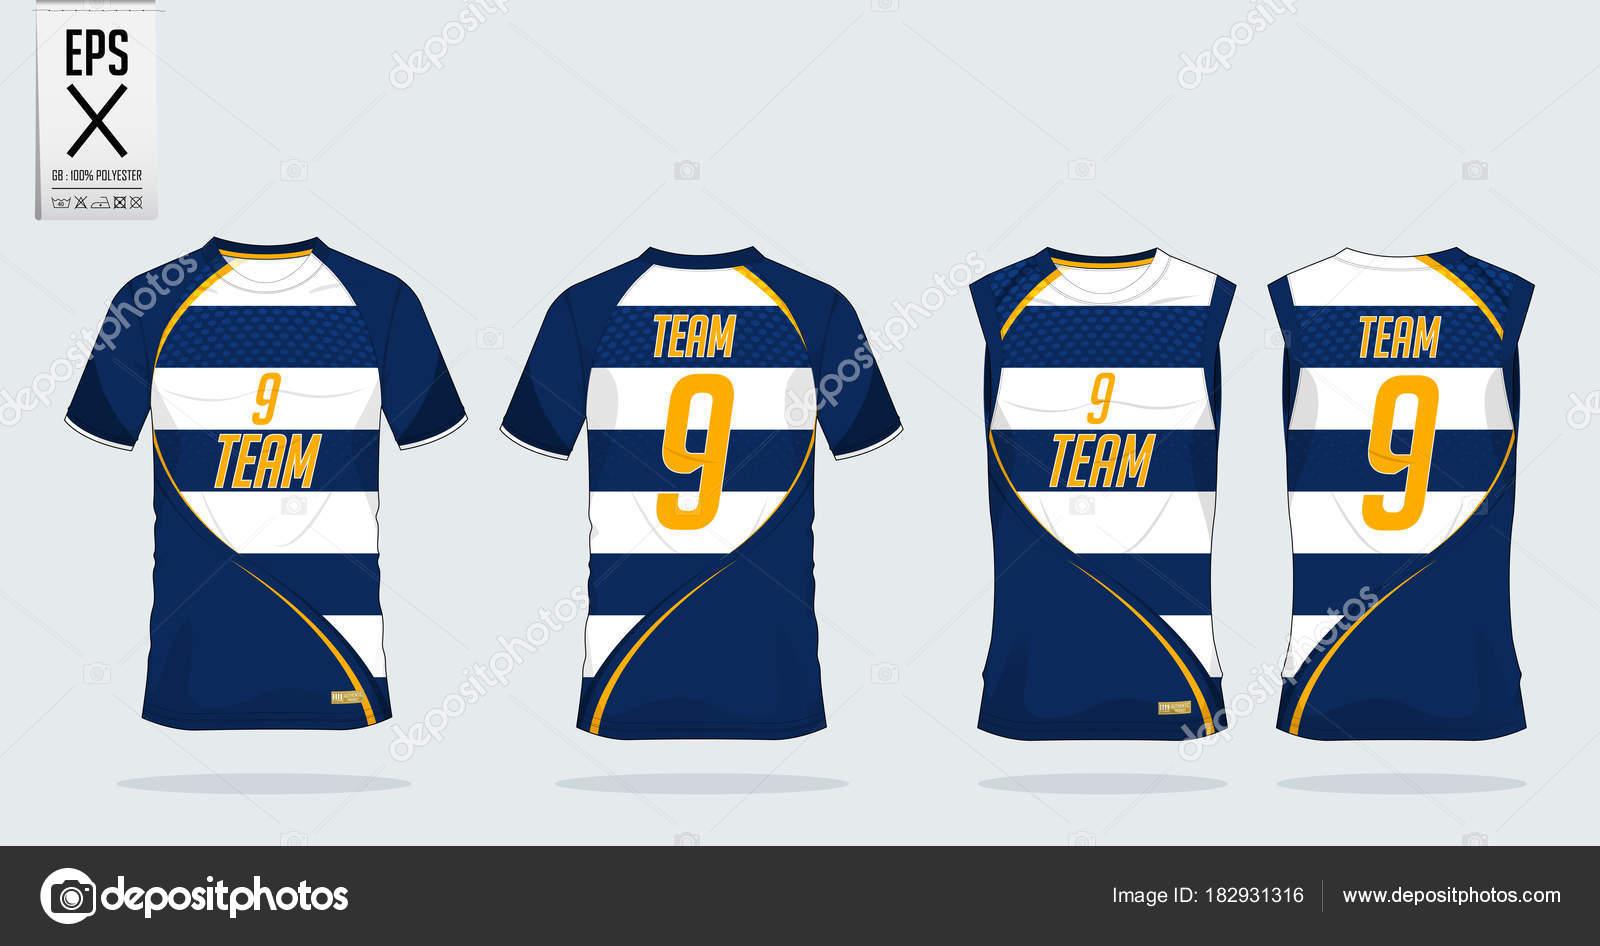 d59a249ad100d Azul y blanco camiseta deporte plantilla diseño para camiseta de fútbol